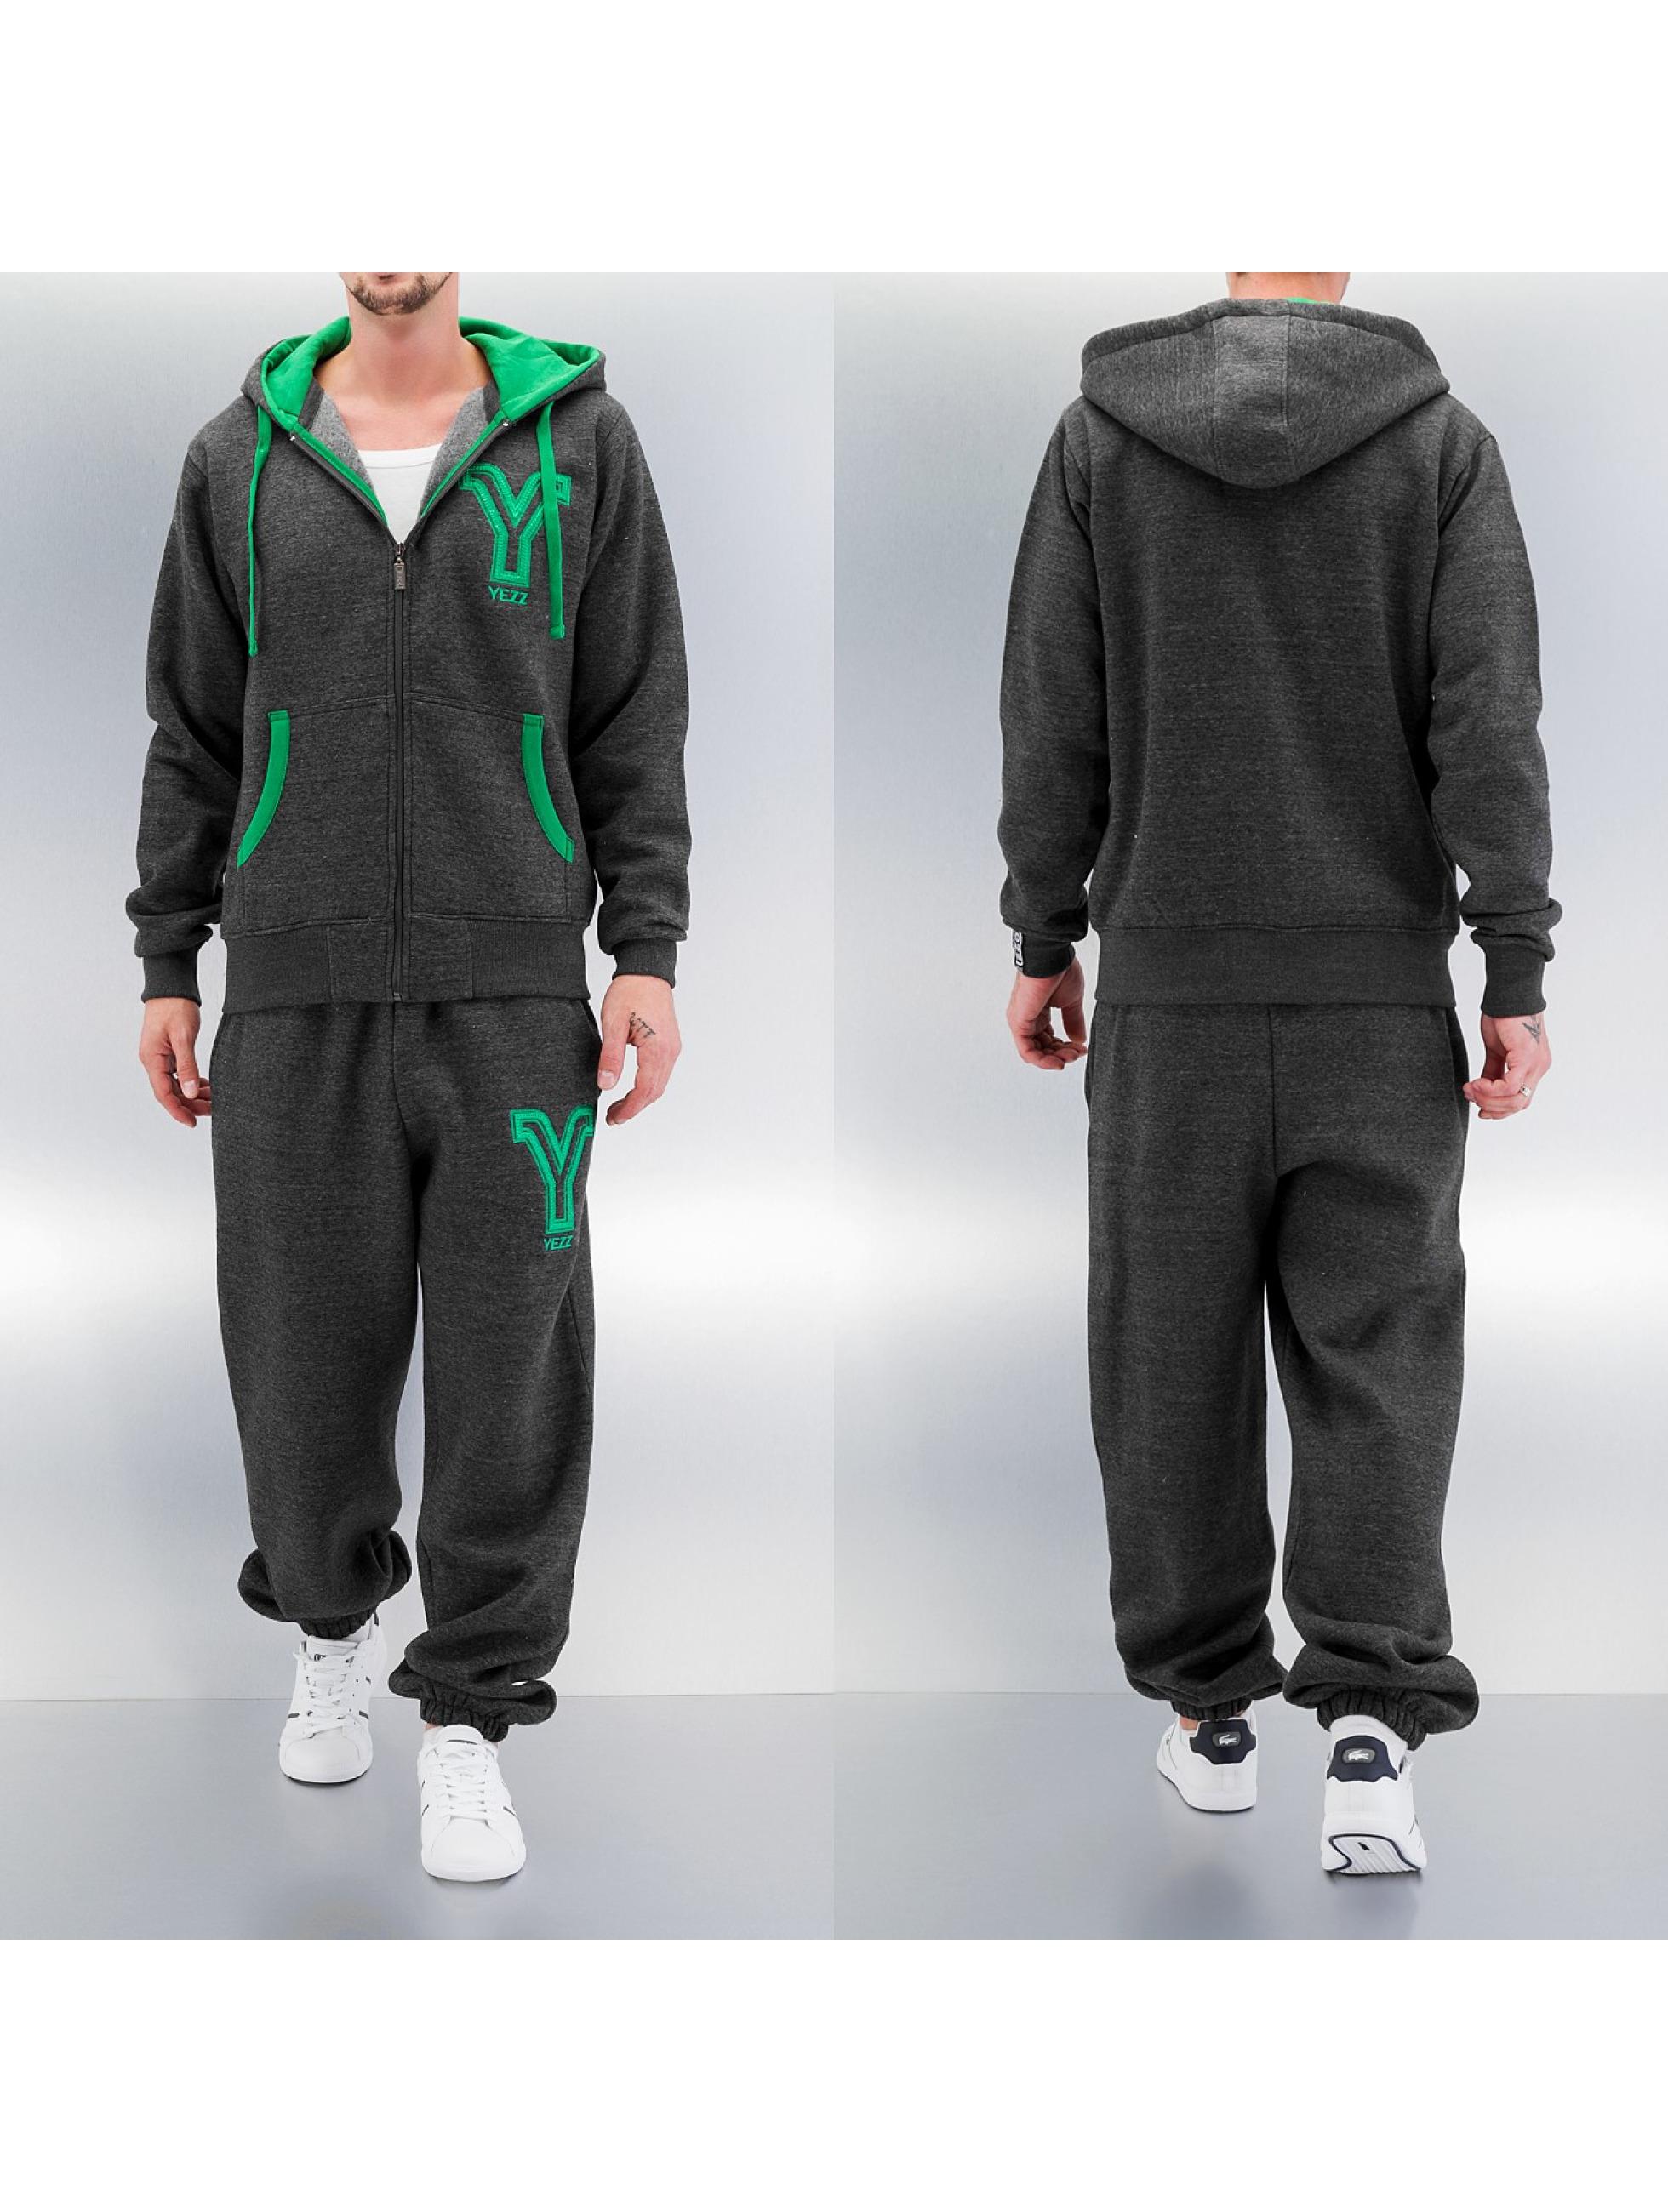 Yezz 3 Tone Sweat Suit Grey Green